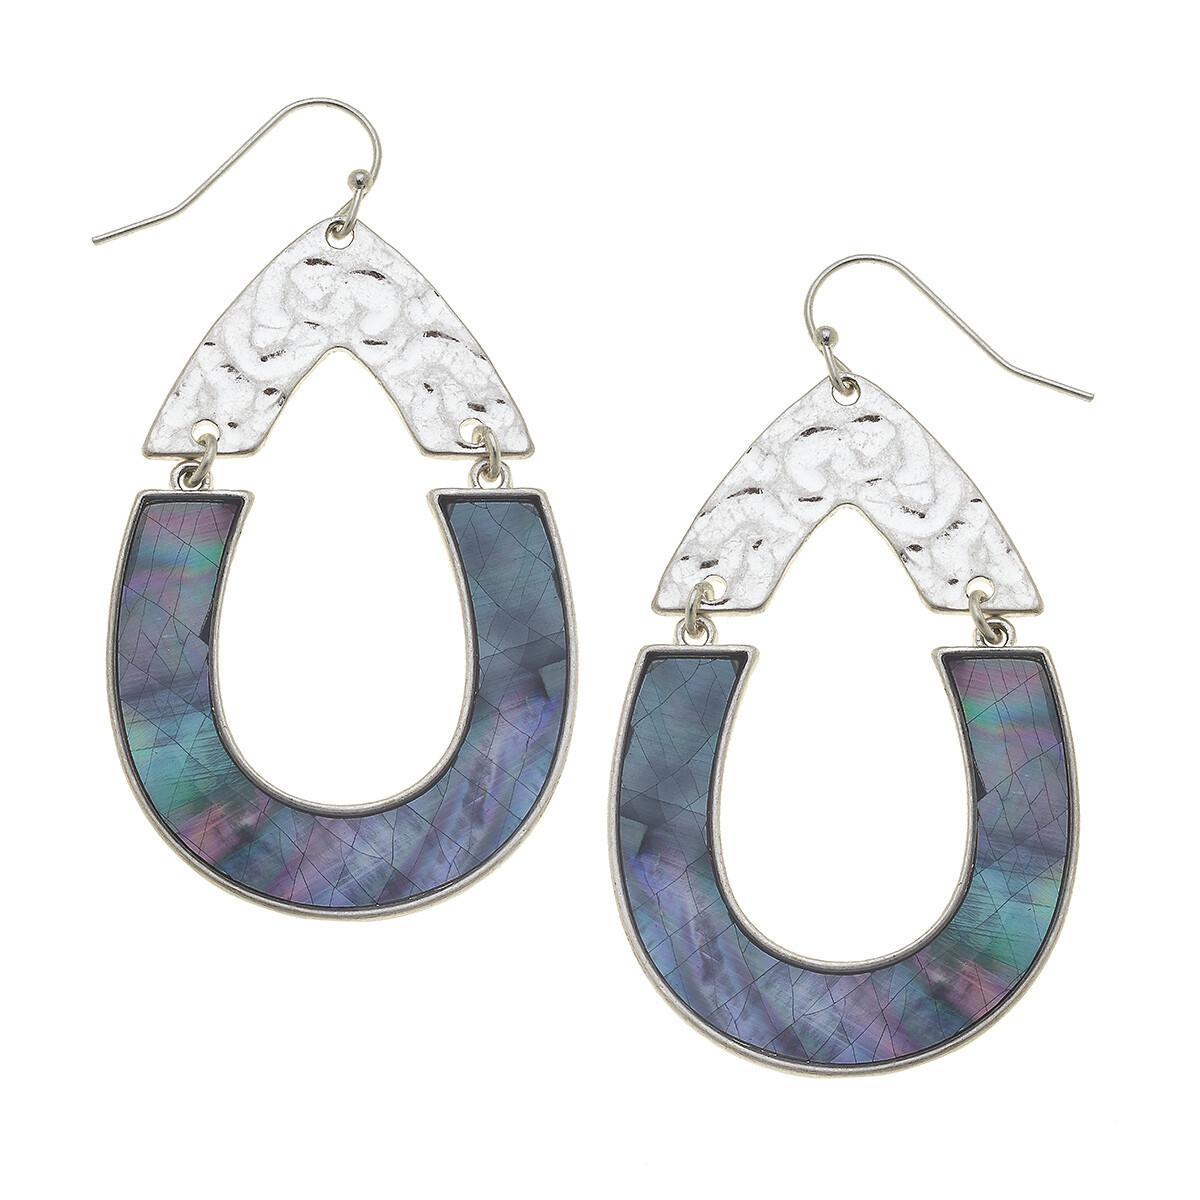 Harlow Teardrop Earrings